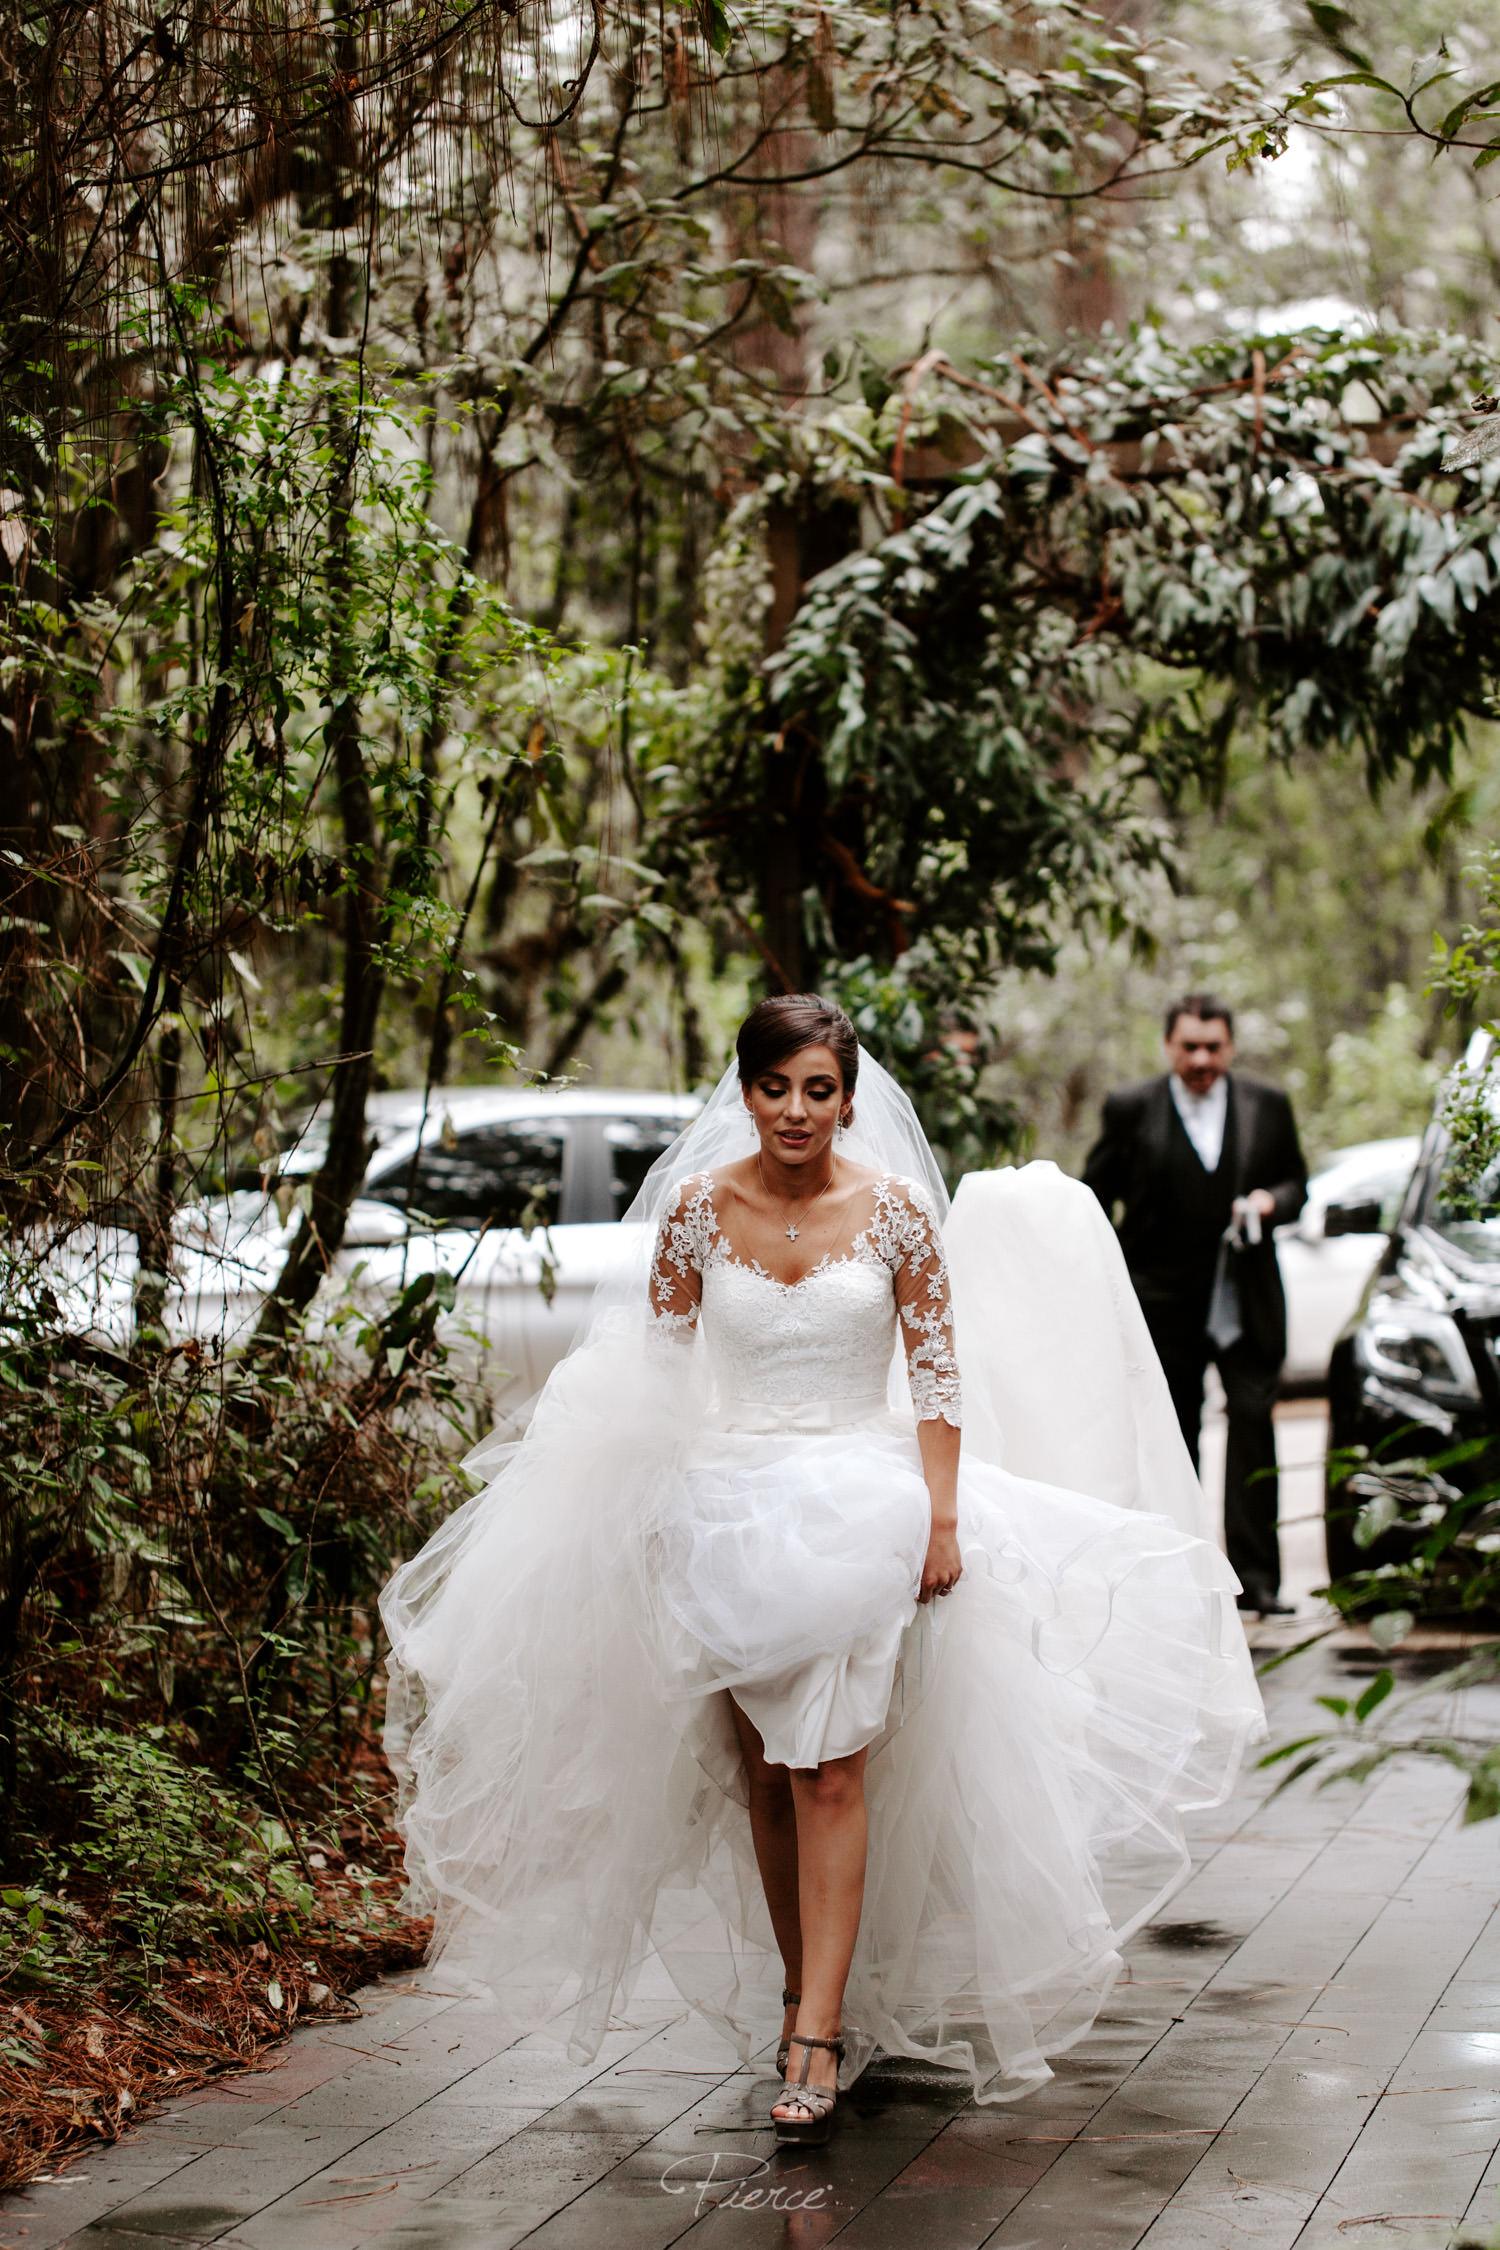 fotografia-de-boda-valle-de-bravo-mexico-rosmarino-pierce-weddings-0239.JPG